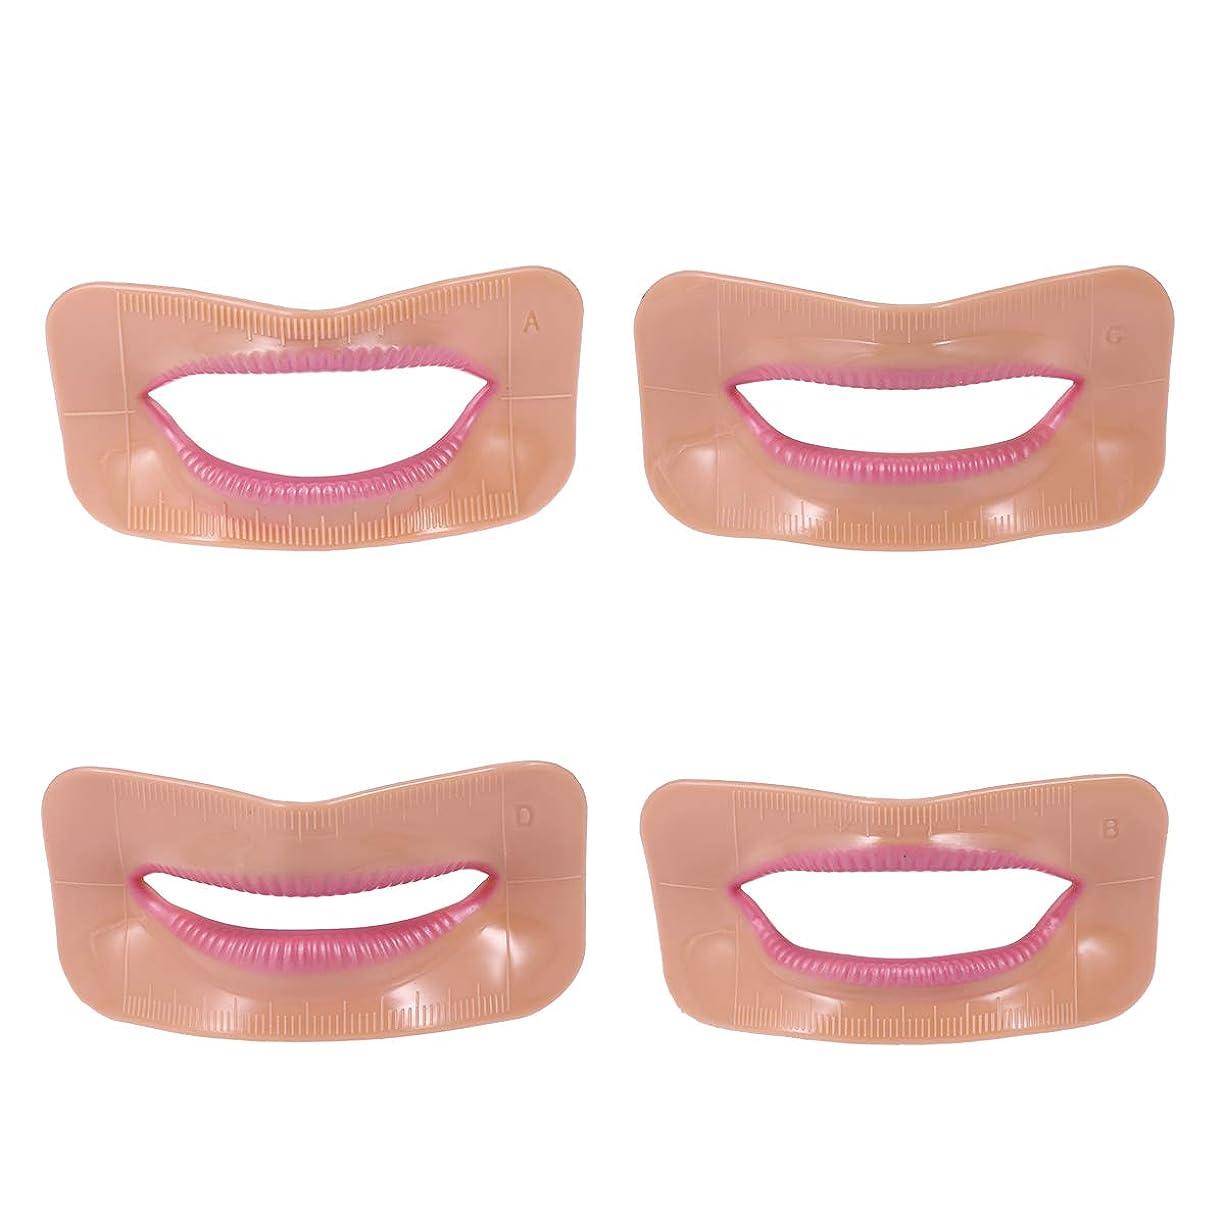 外交通知する突撃Healifty デンタルケアキット4本歯の歯の位置合わせの確認測定リップ口測定ツール歯科用アクセサリー